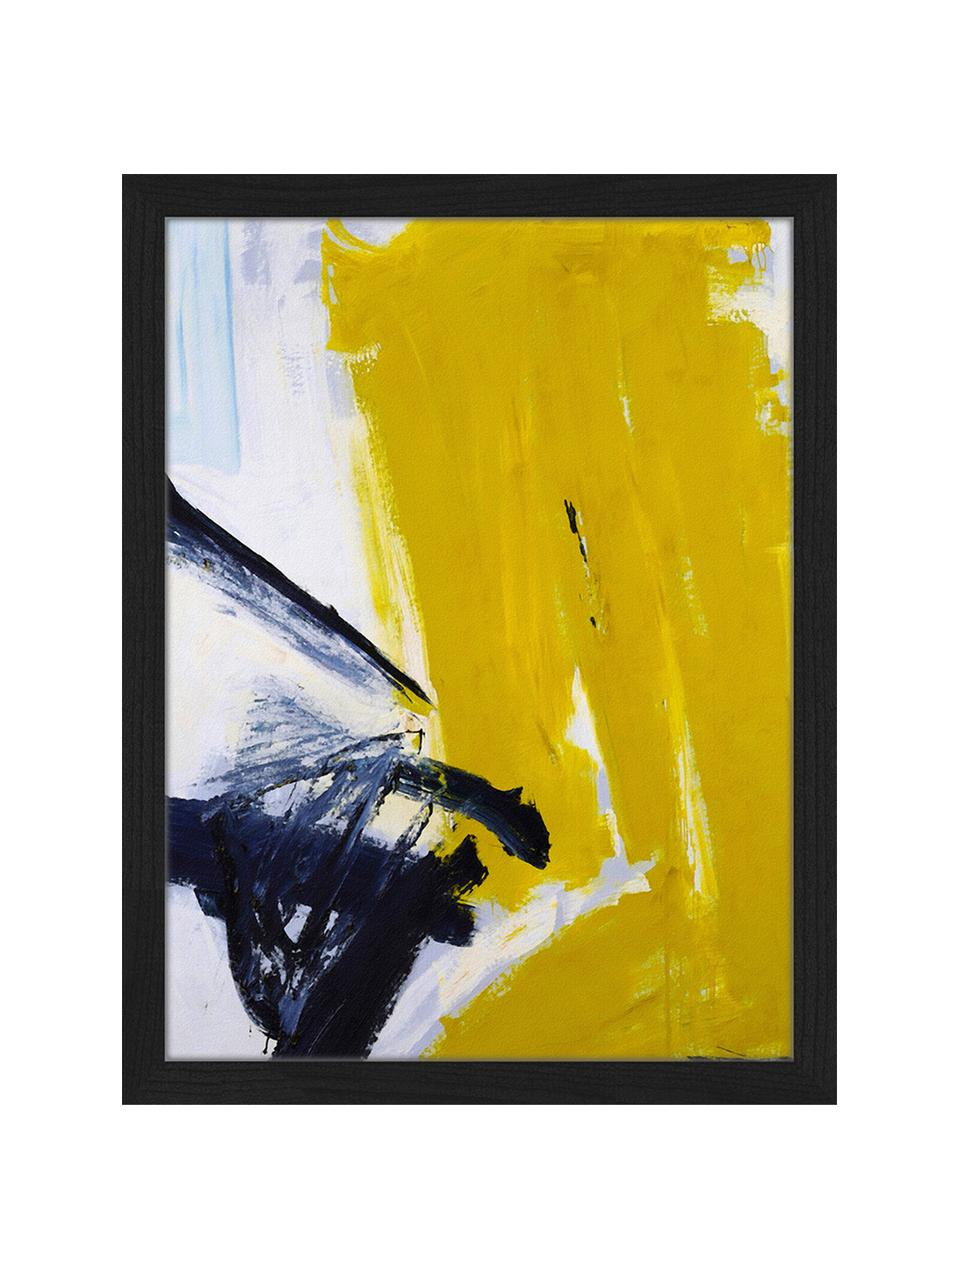 Gerahmter Digitaldruck Abstract, Bild: Digitaldruck auf Papier, , Rahmen: Buchenholz, lackiert, Front: Plexiglas, Schwarz, Weiß, Goldfarben, 53 x 63 cm